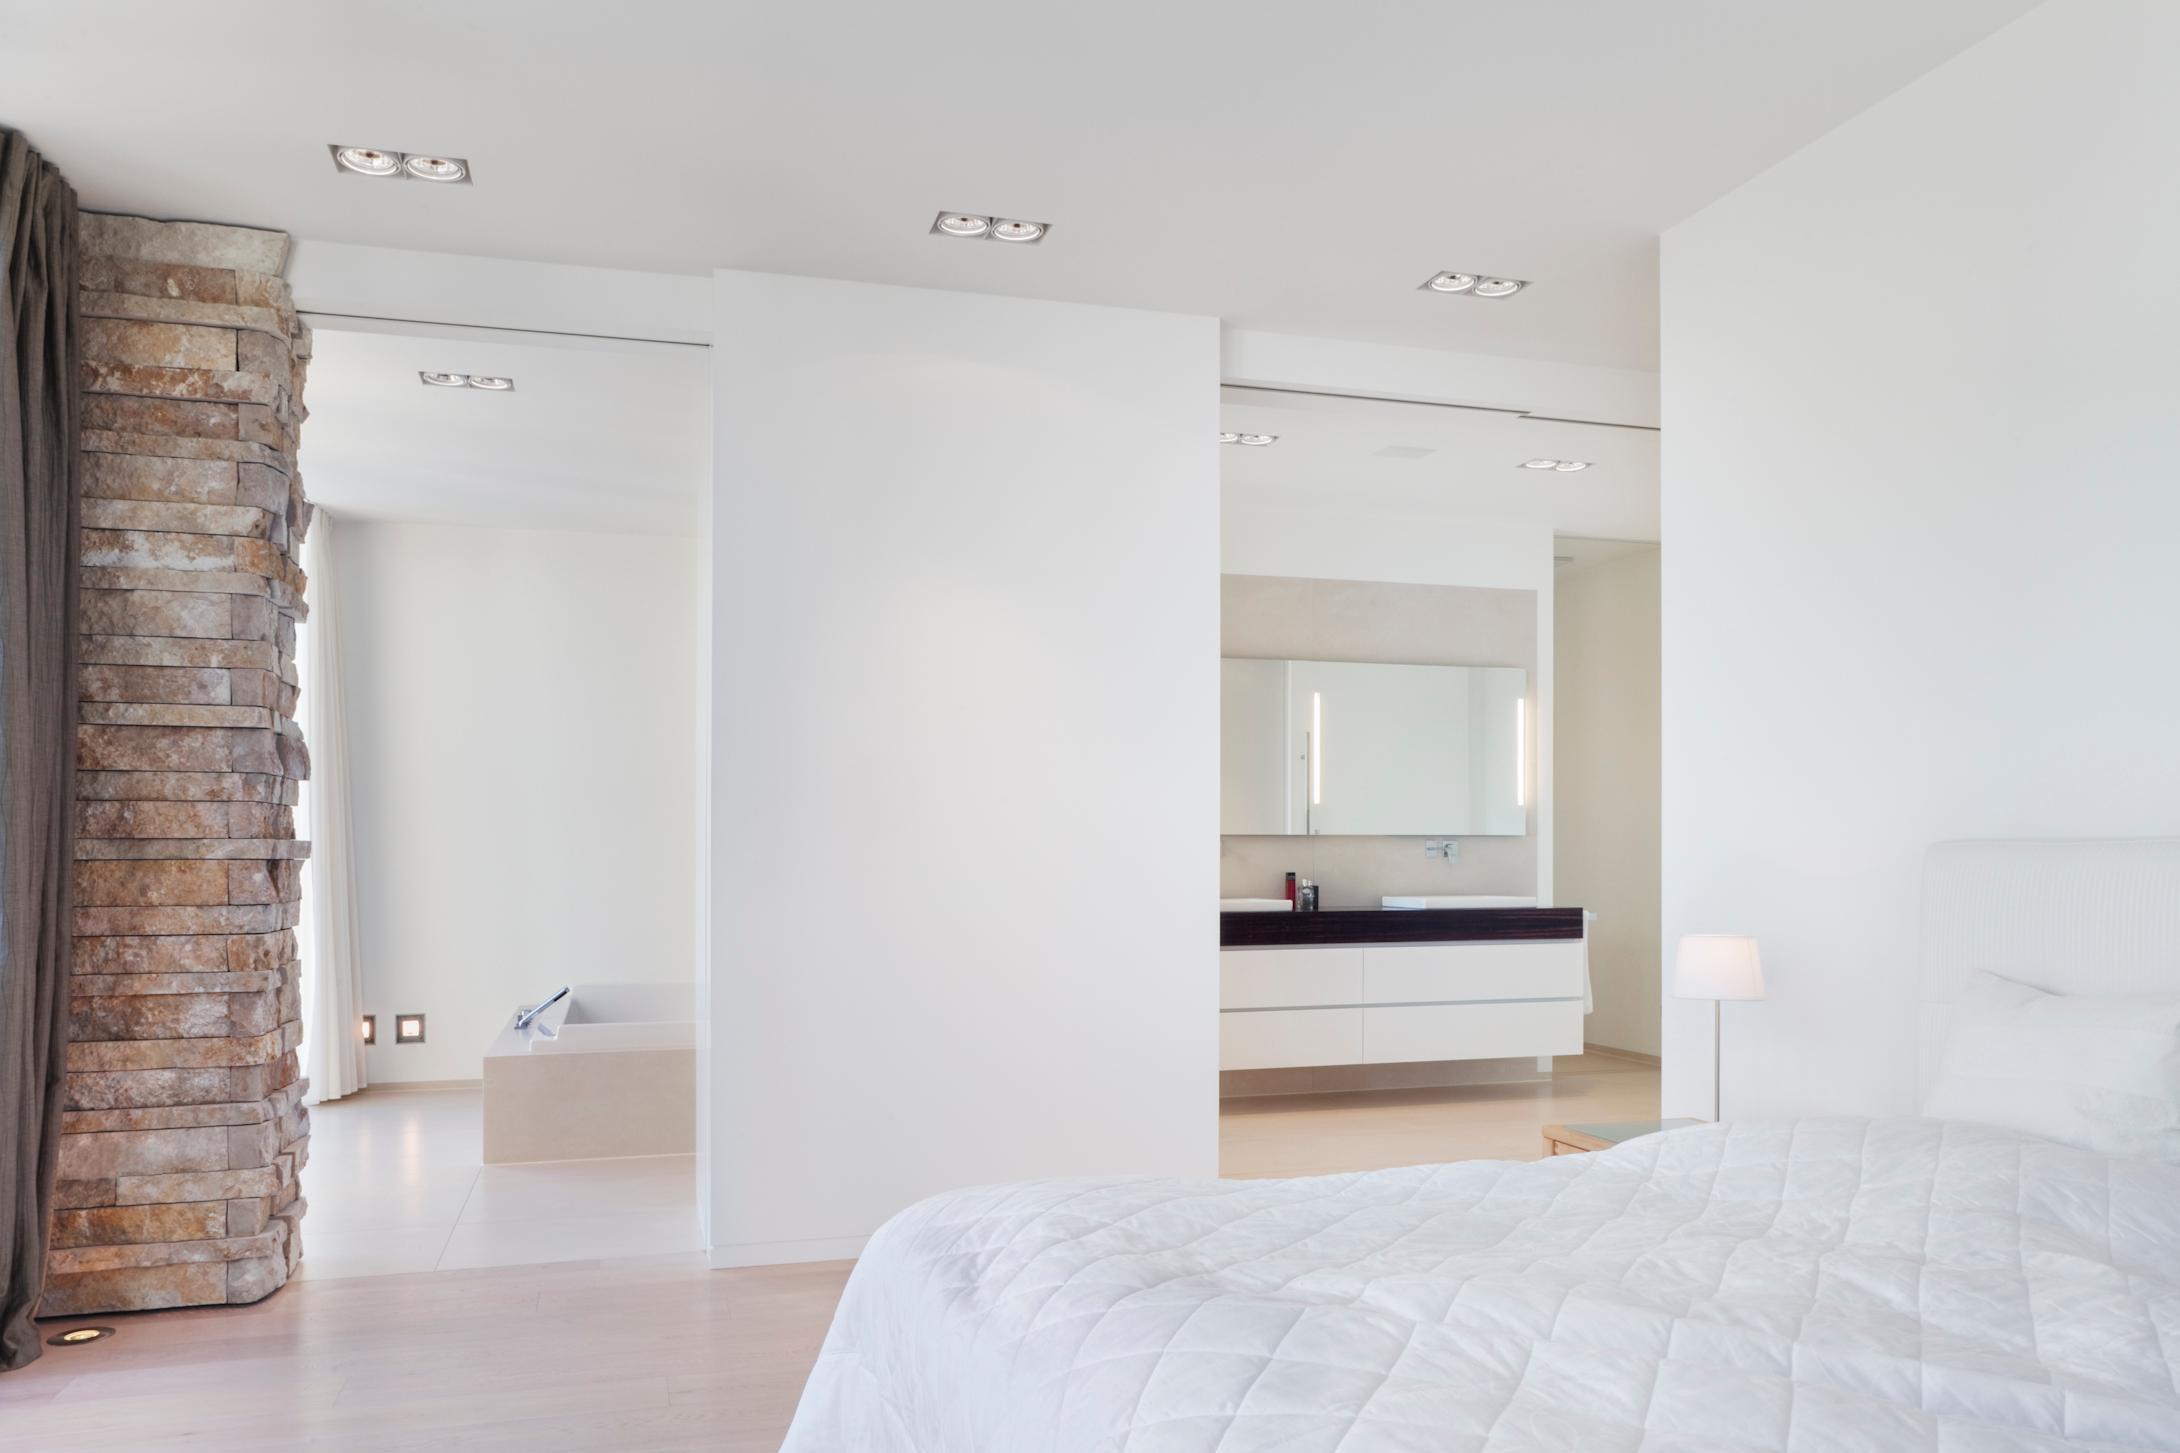 Offenes Badezimmer, Bad en-suite #bett #badezimmer #...